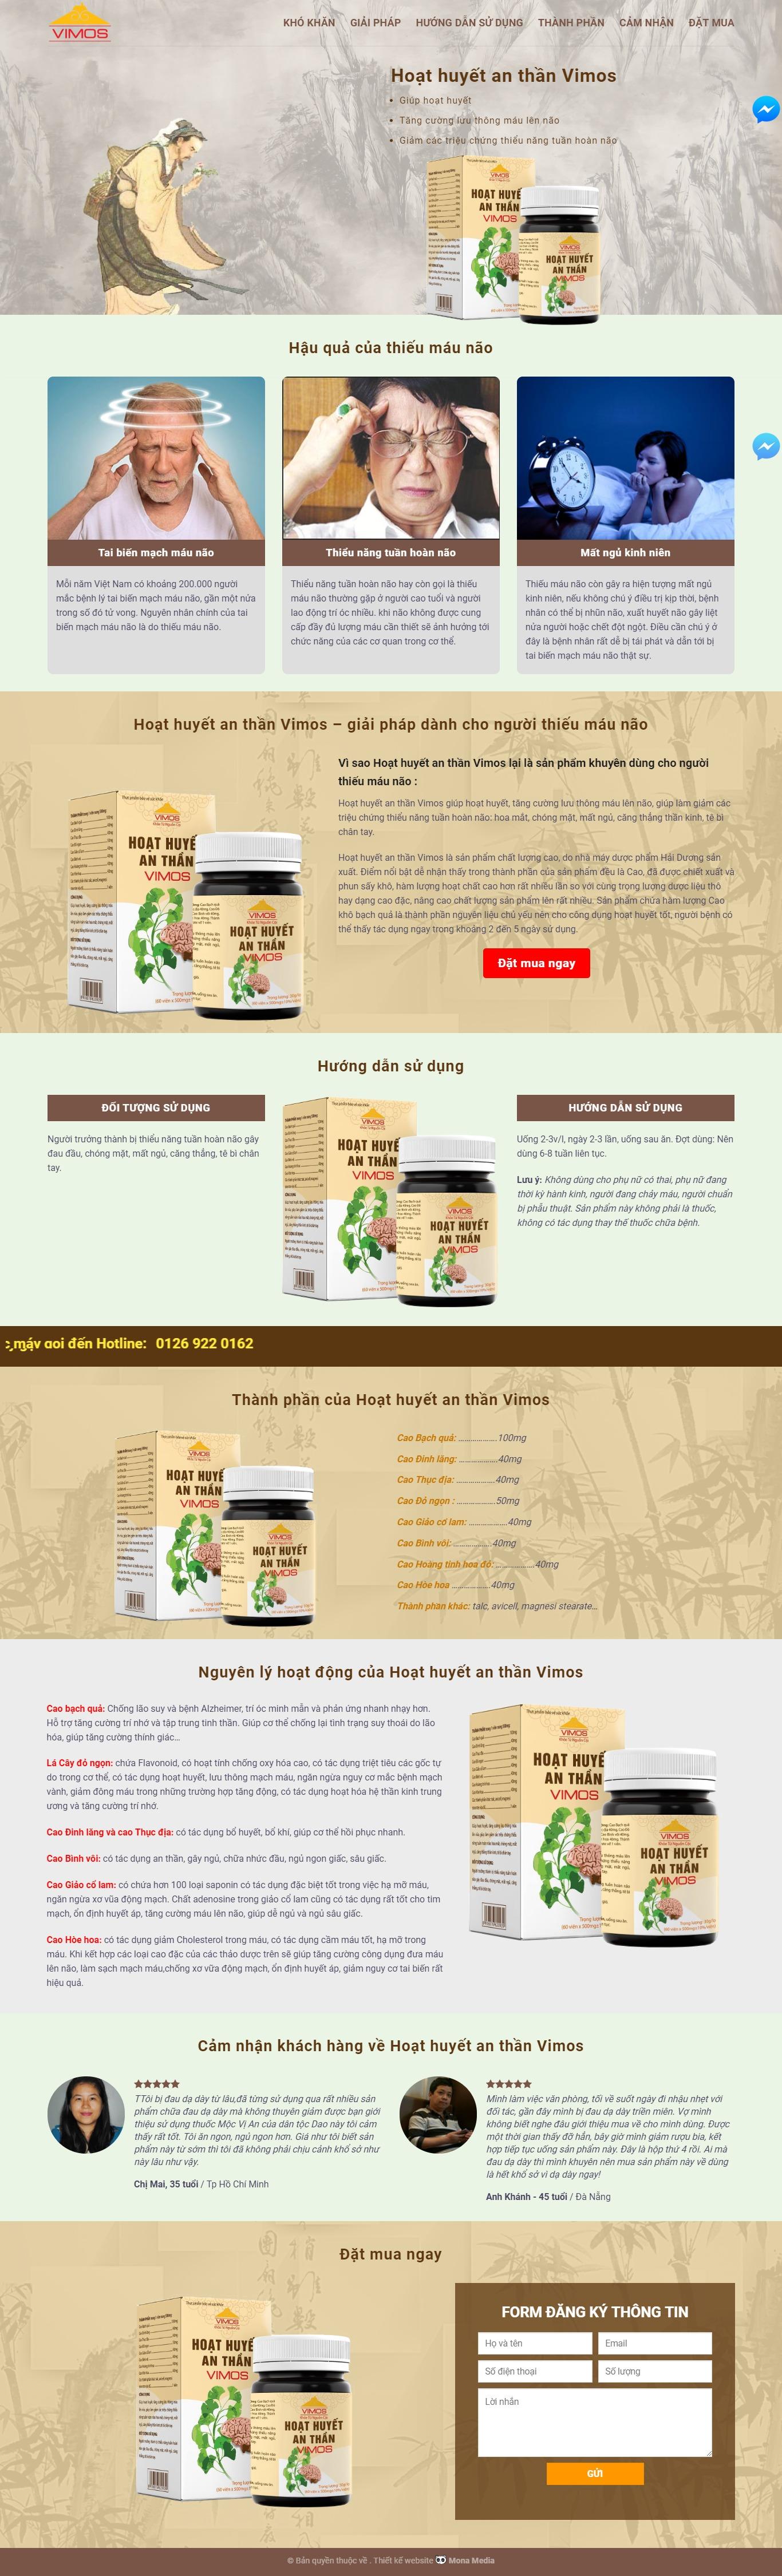 Mẫu website landing page giới thiệu sản phẩm đông y Vimos - MonaMedia